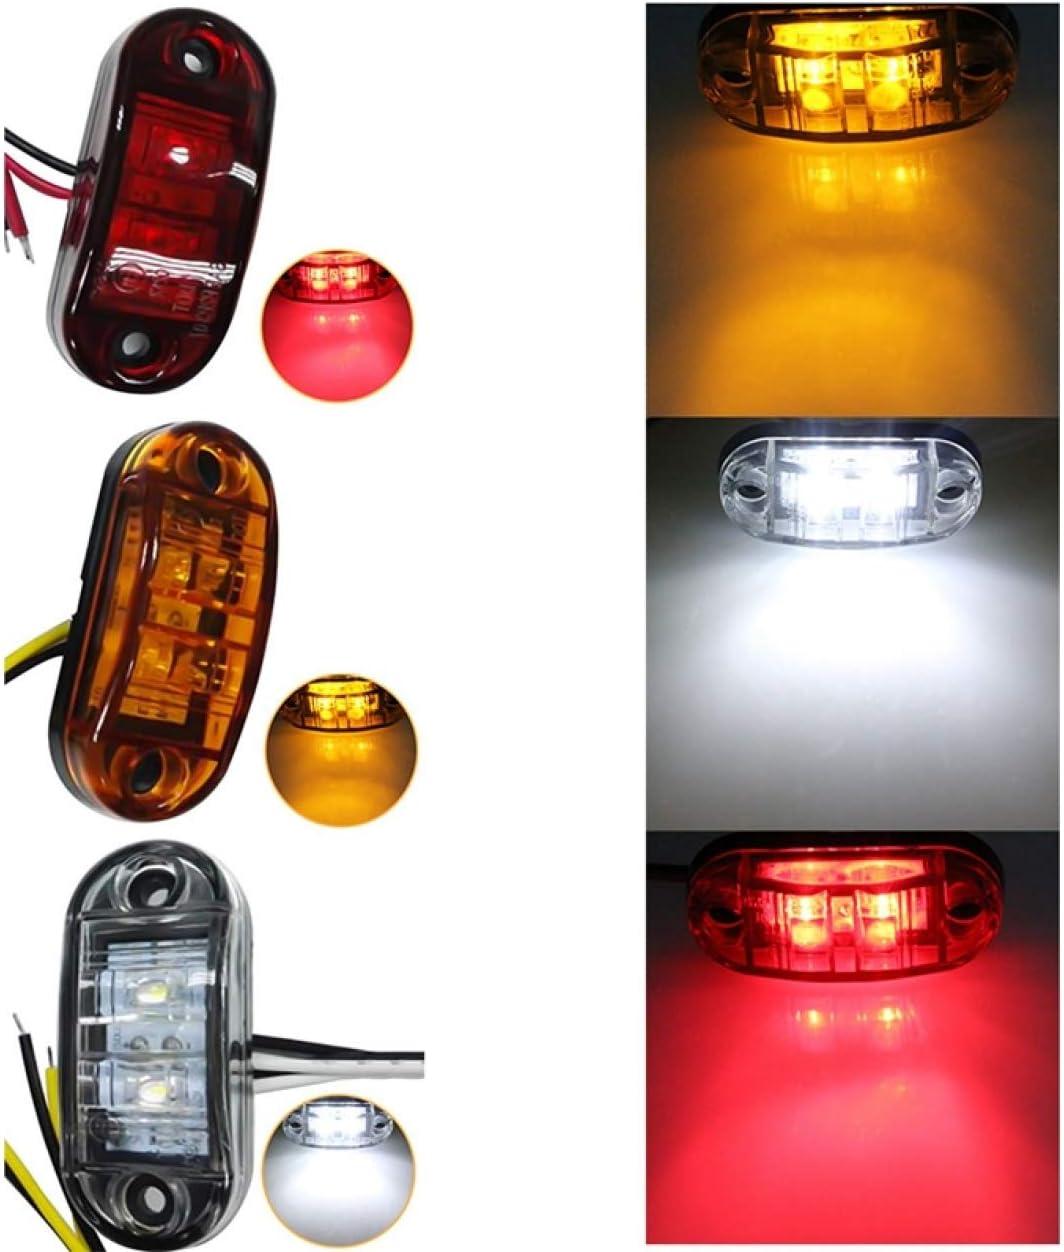 Heraglan Spezielle Hot 1Pc 24V 12V Amber Led Side Marker Lights for Trucks Side Clearance Marker Light Clearance Lamp 12V Red White for Trailer None YW